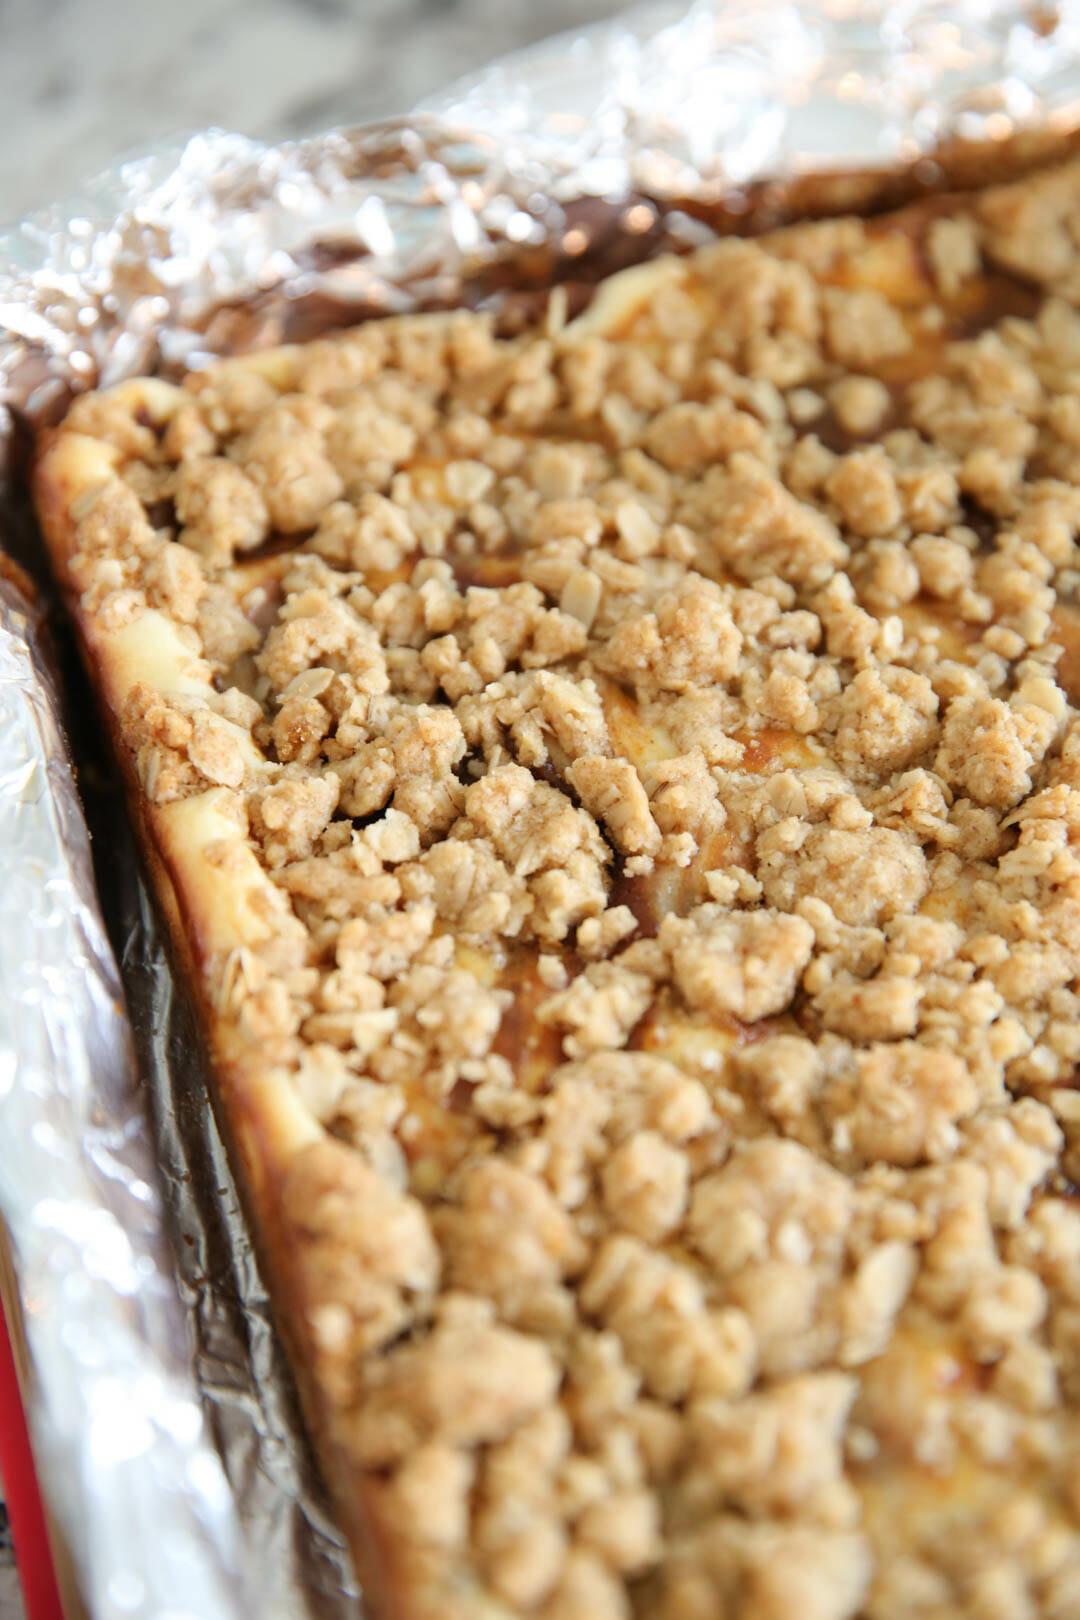 Fall Pumpkin Dessert: Pumpkin Cheesecake Oatmeal Cookie Bars